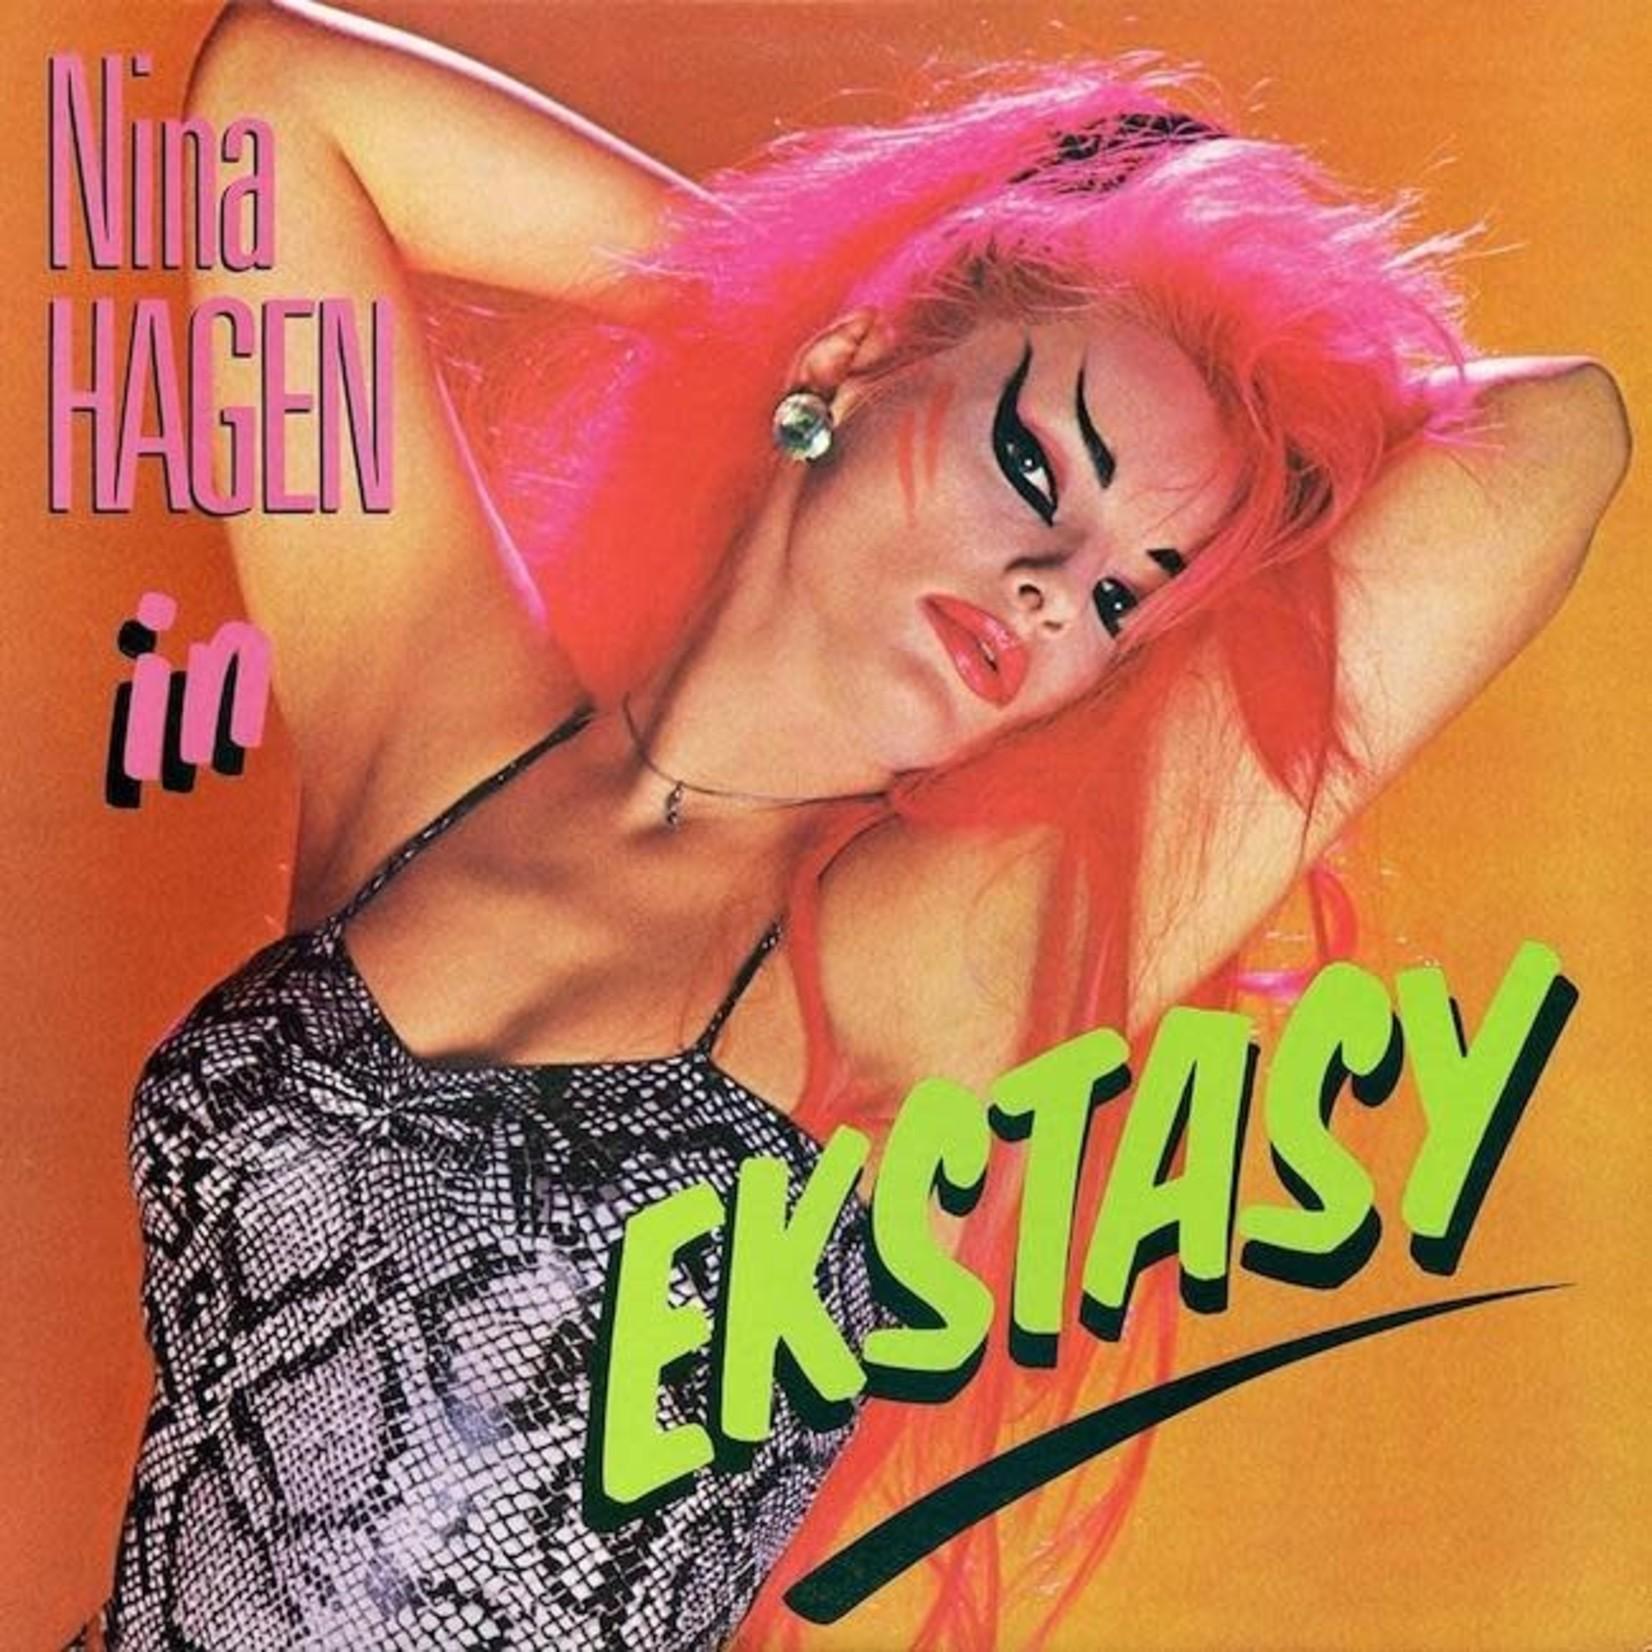 [Vintage] Hagen, Nina: Ekstasy